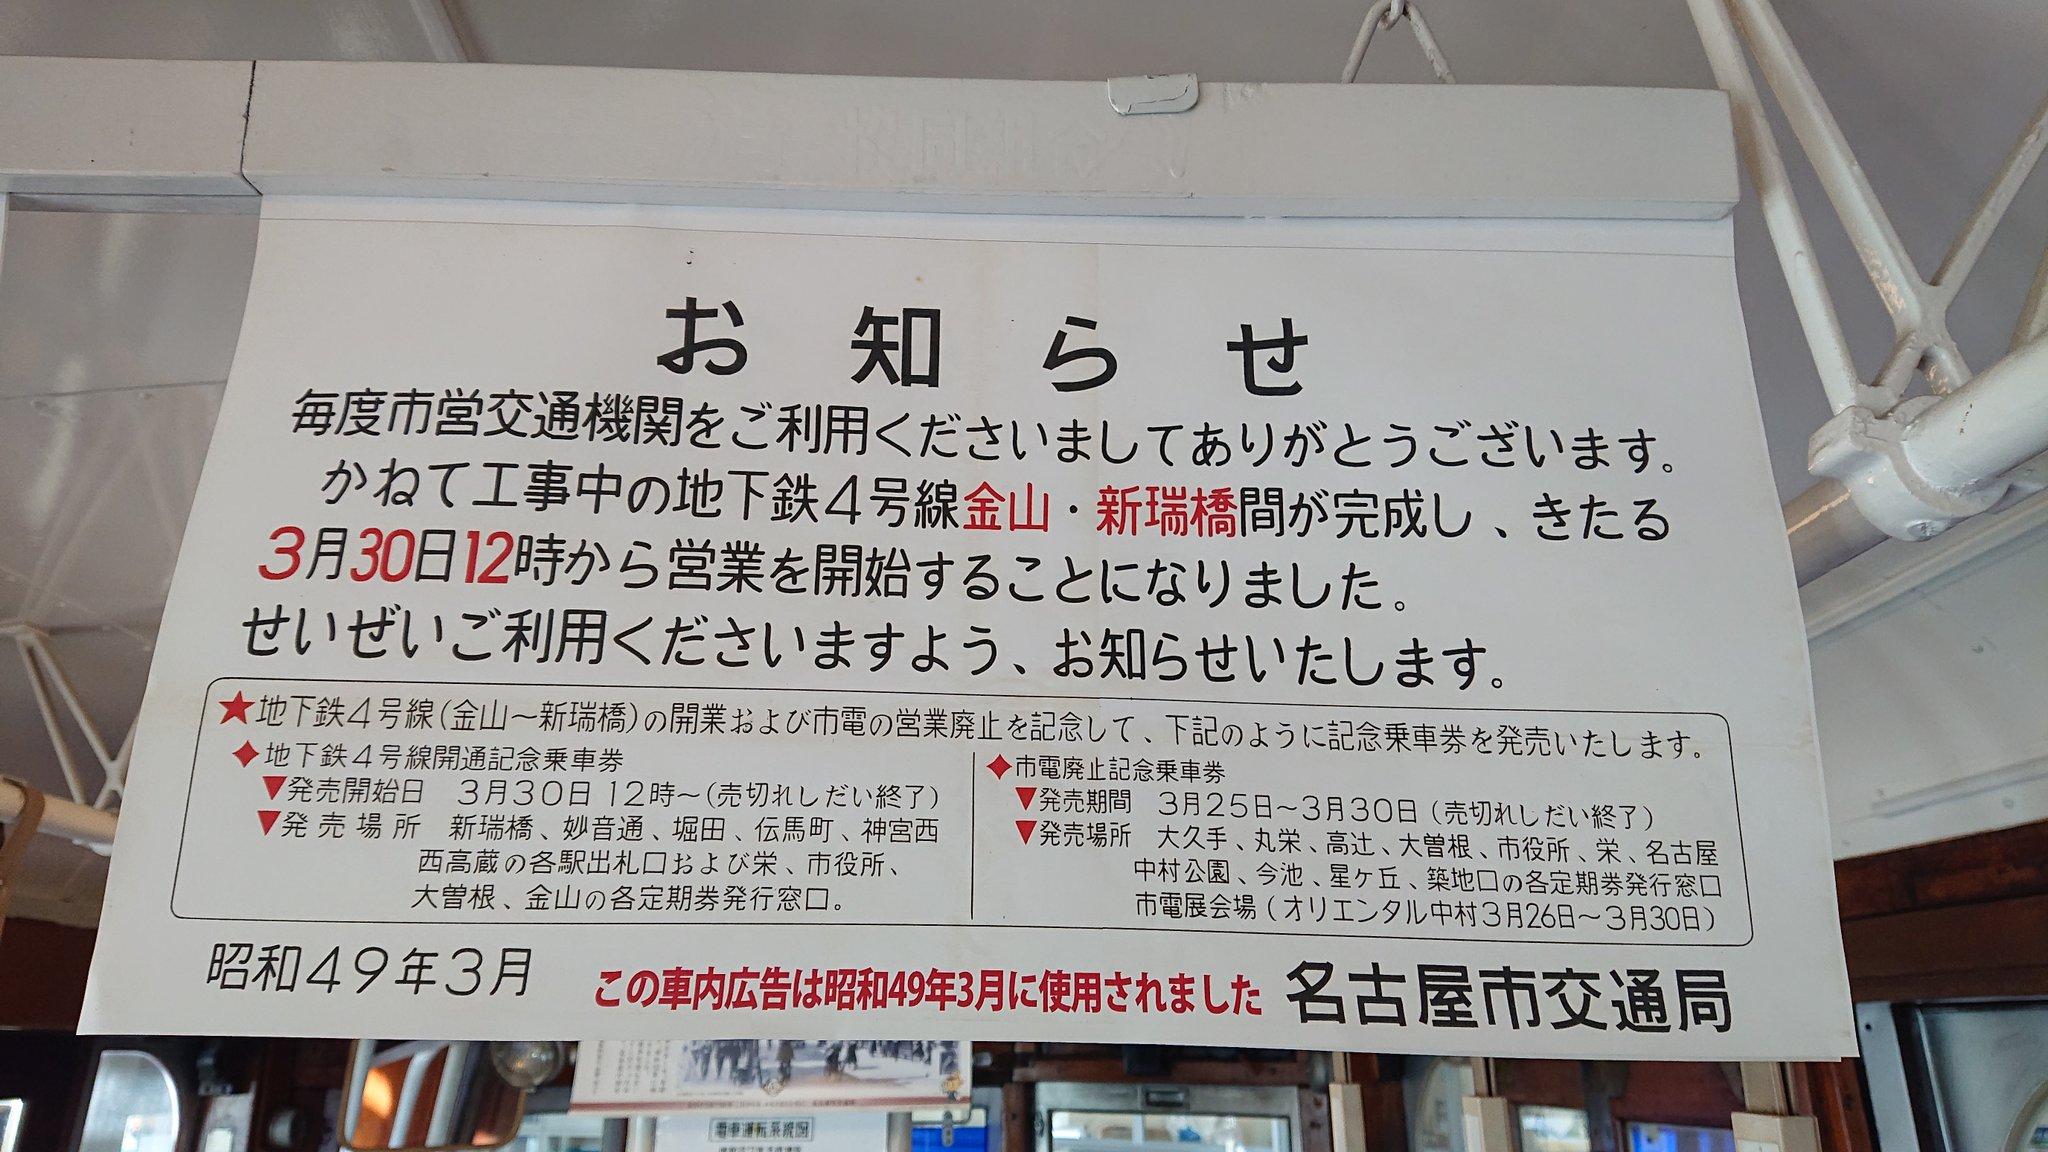 「せいぜい」の意味!?時代の流れとともに日本語の意味は変わる!!